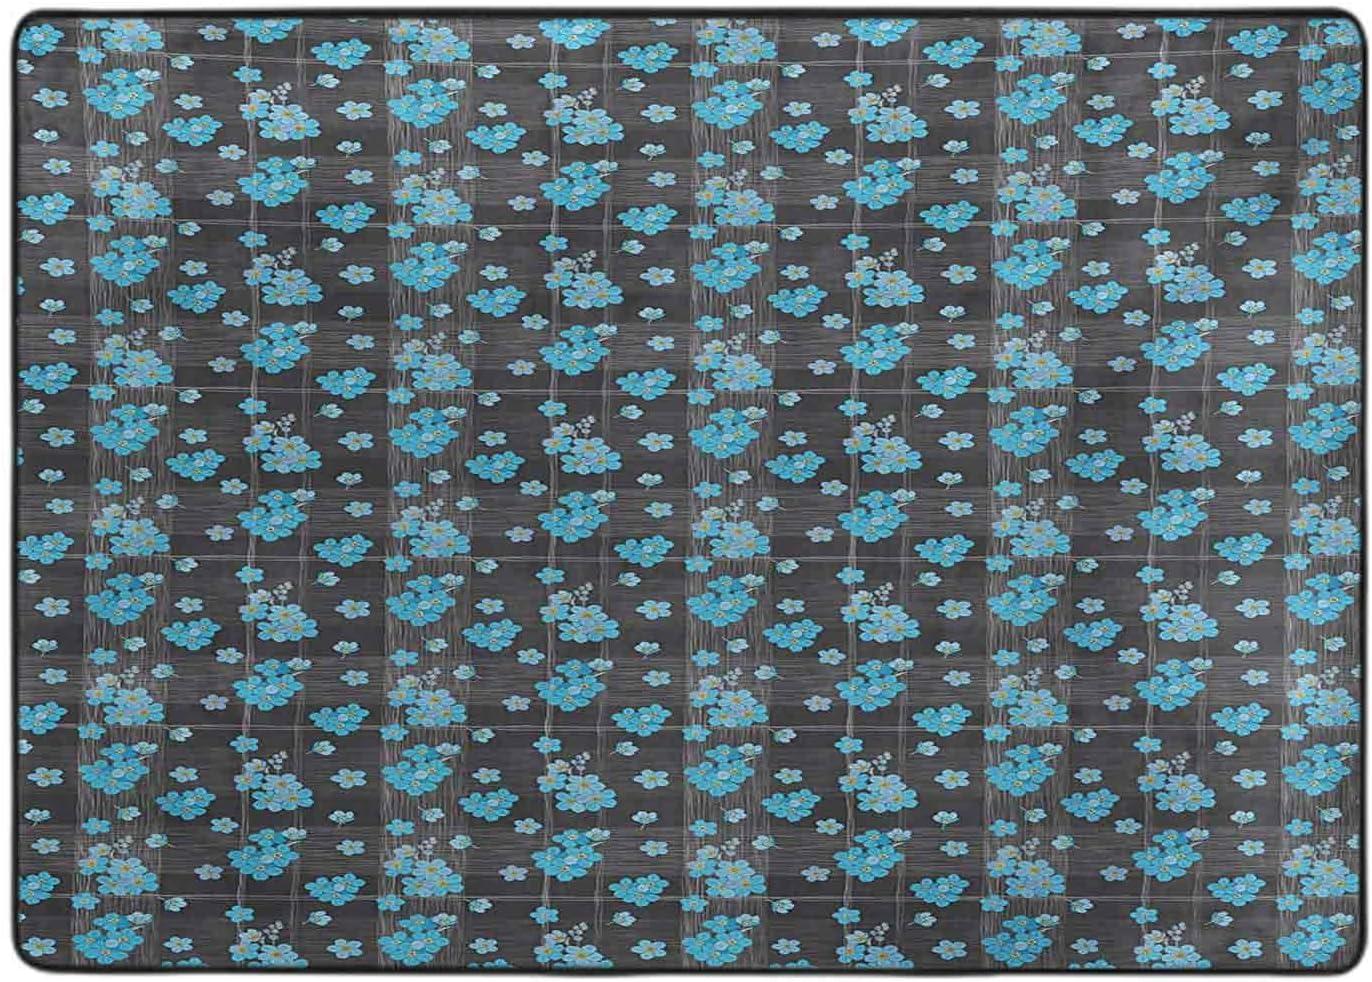 Carpet for Bedroom Forget Me Over item handling Bargain sale Not on Dark Blossoms a Background